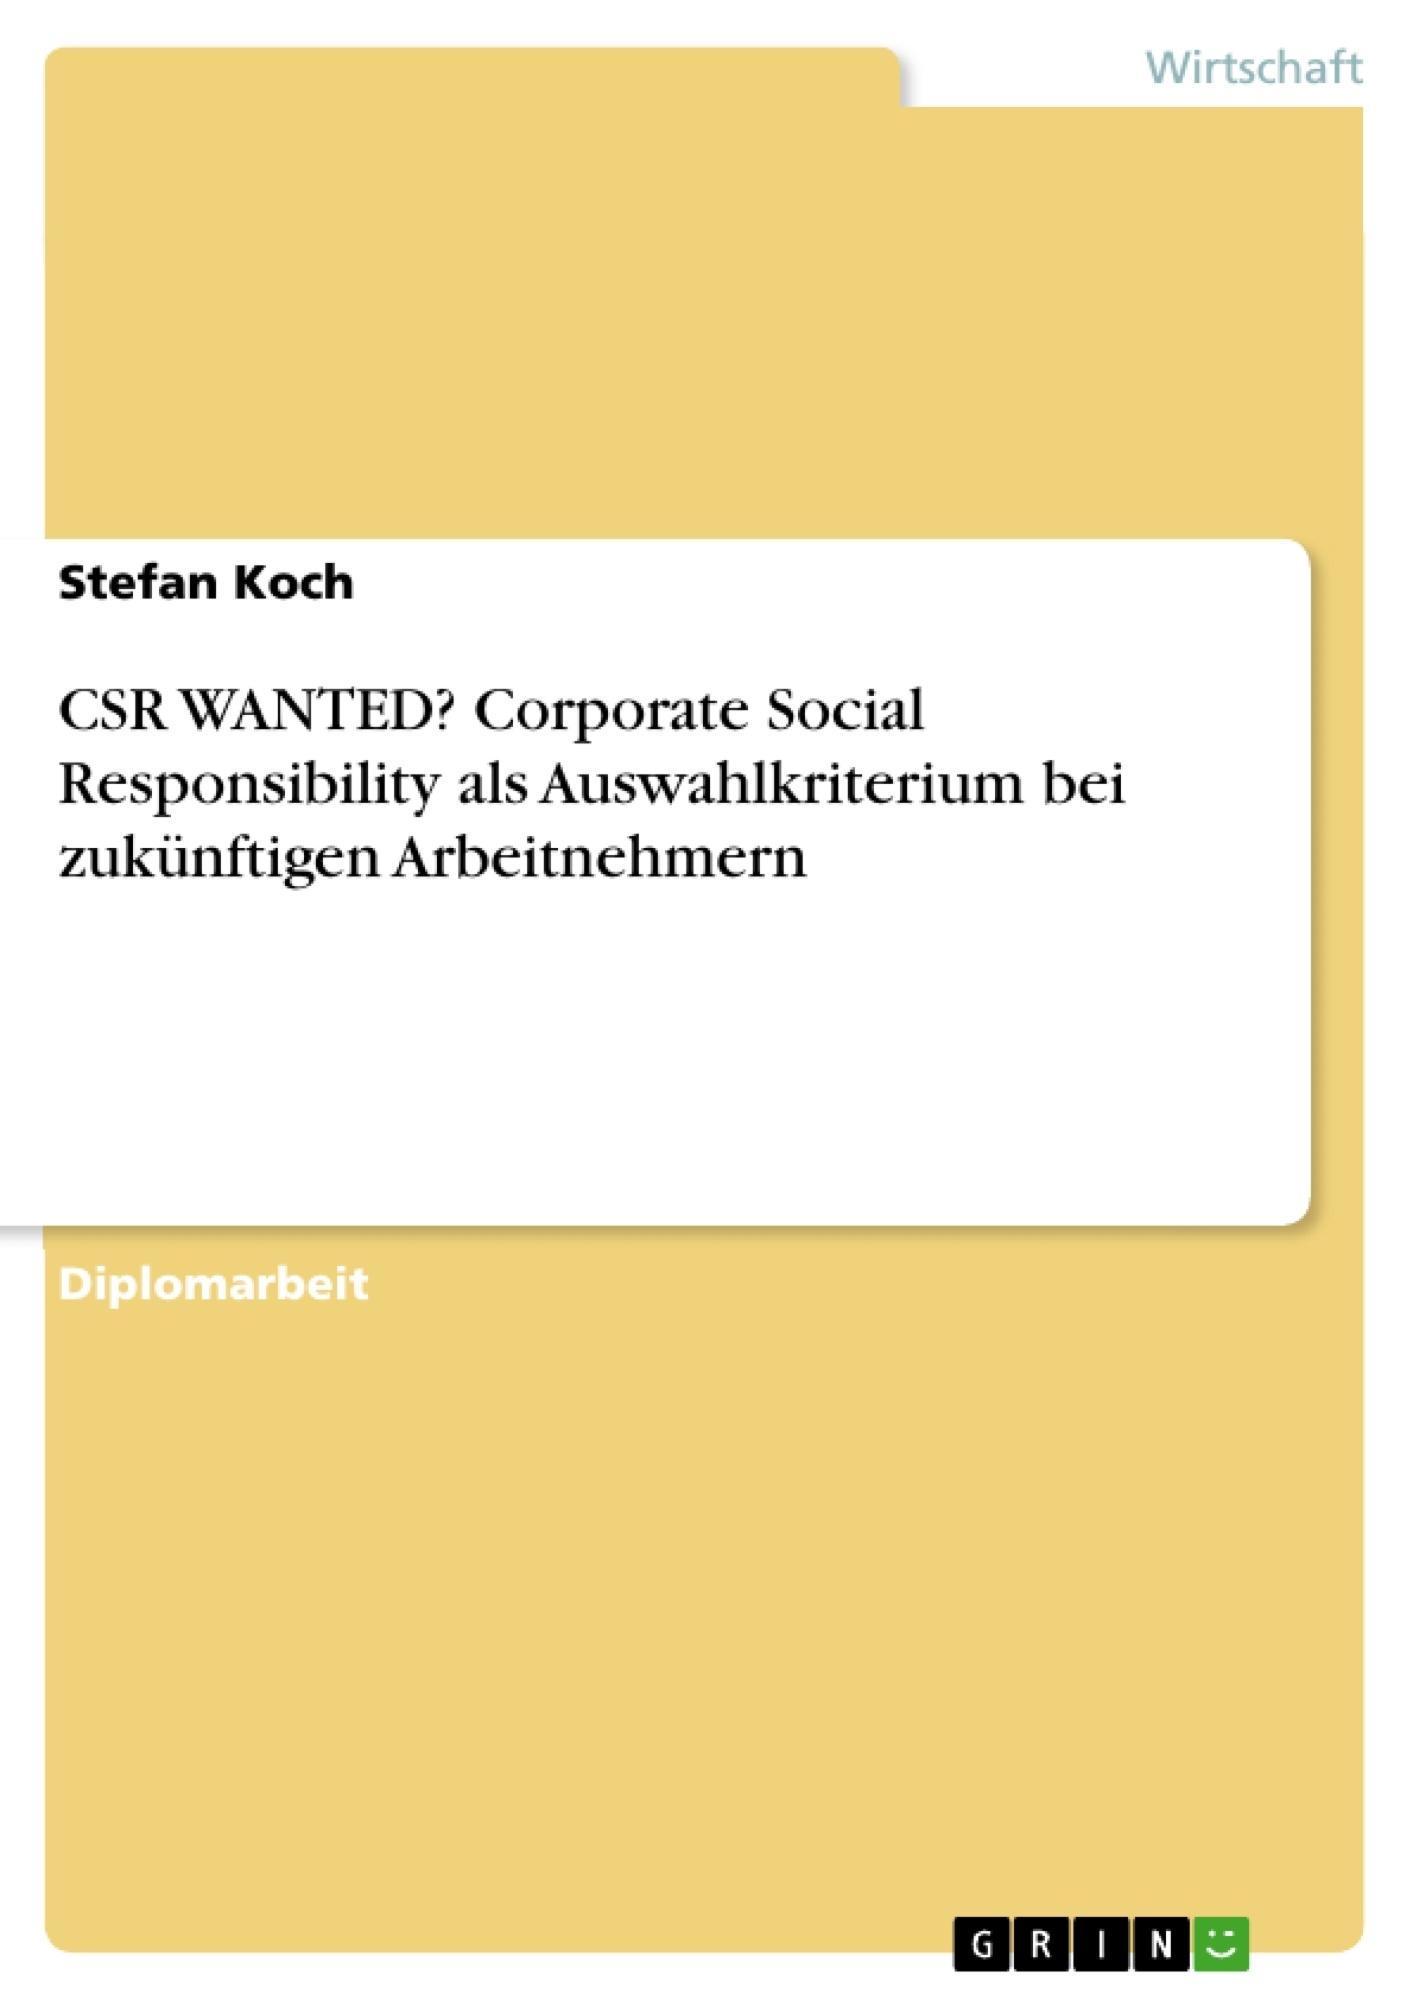 Titel: CSR WANTED? Corporate Social Responsibility als Auswahlkriterium bei zukünftigen Arbeitnehmern